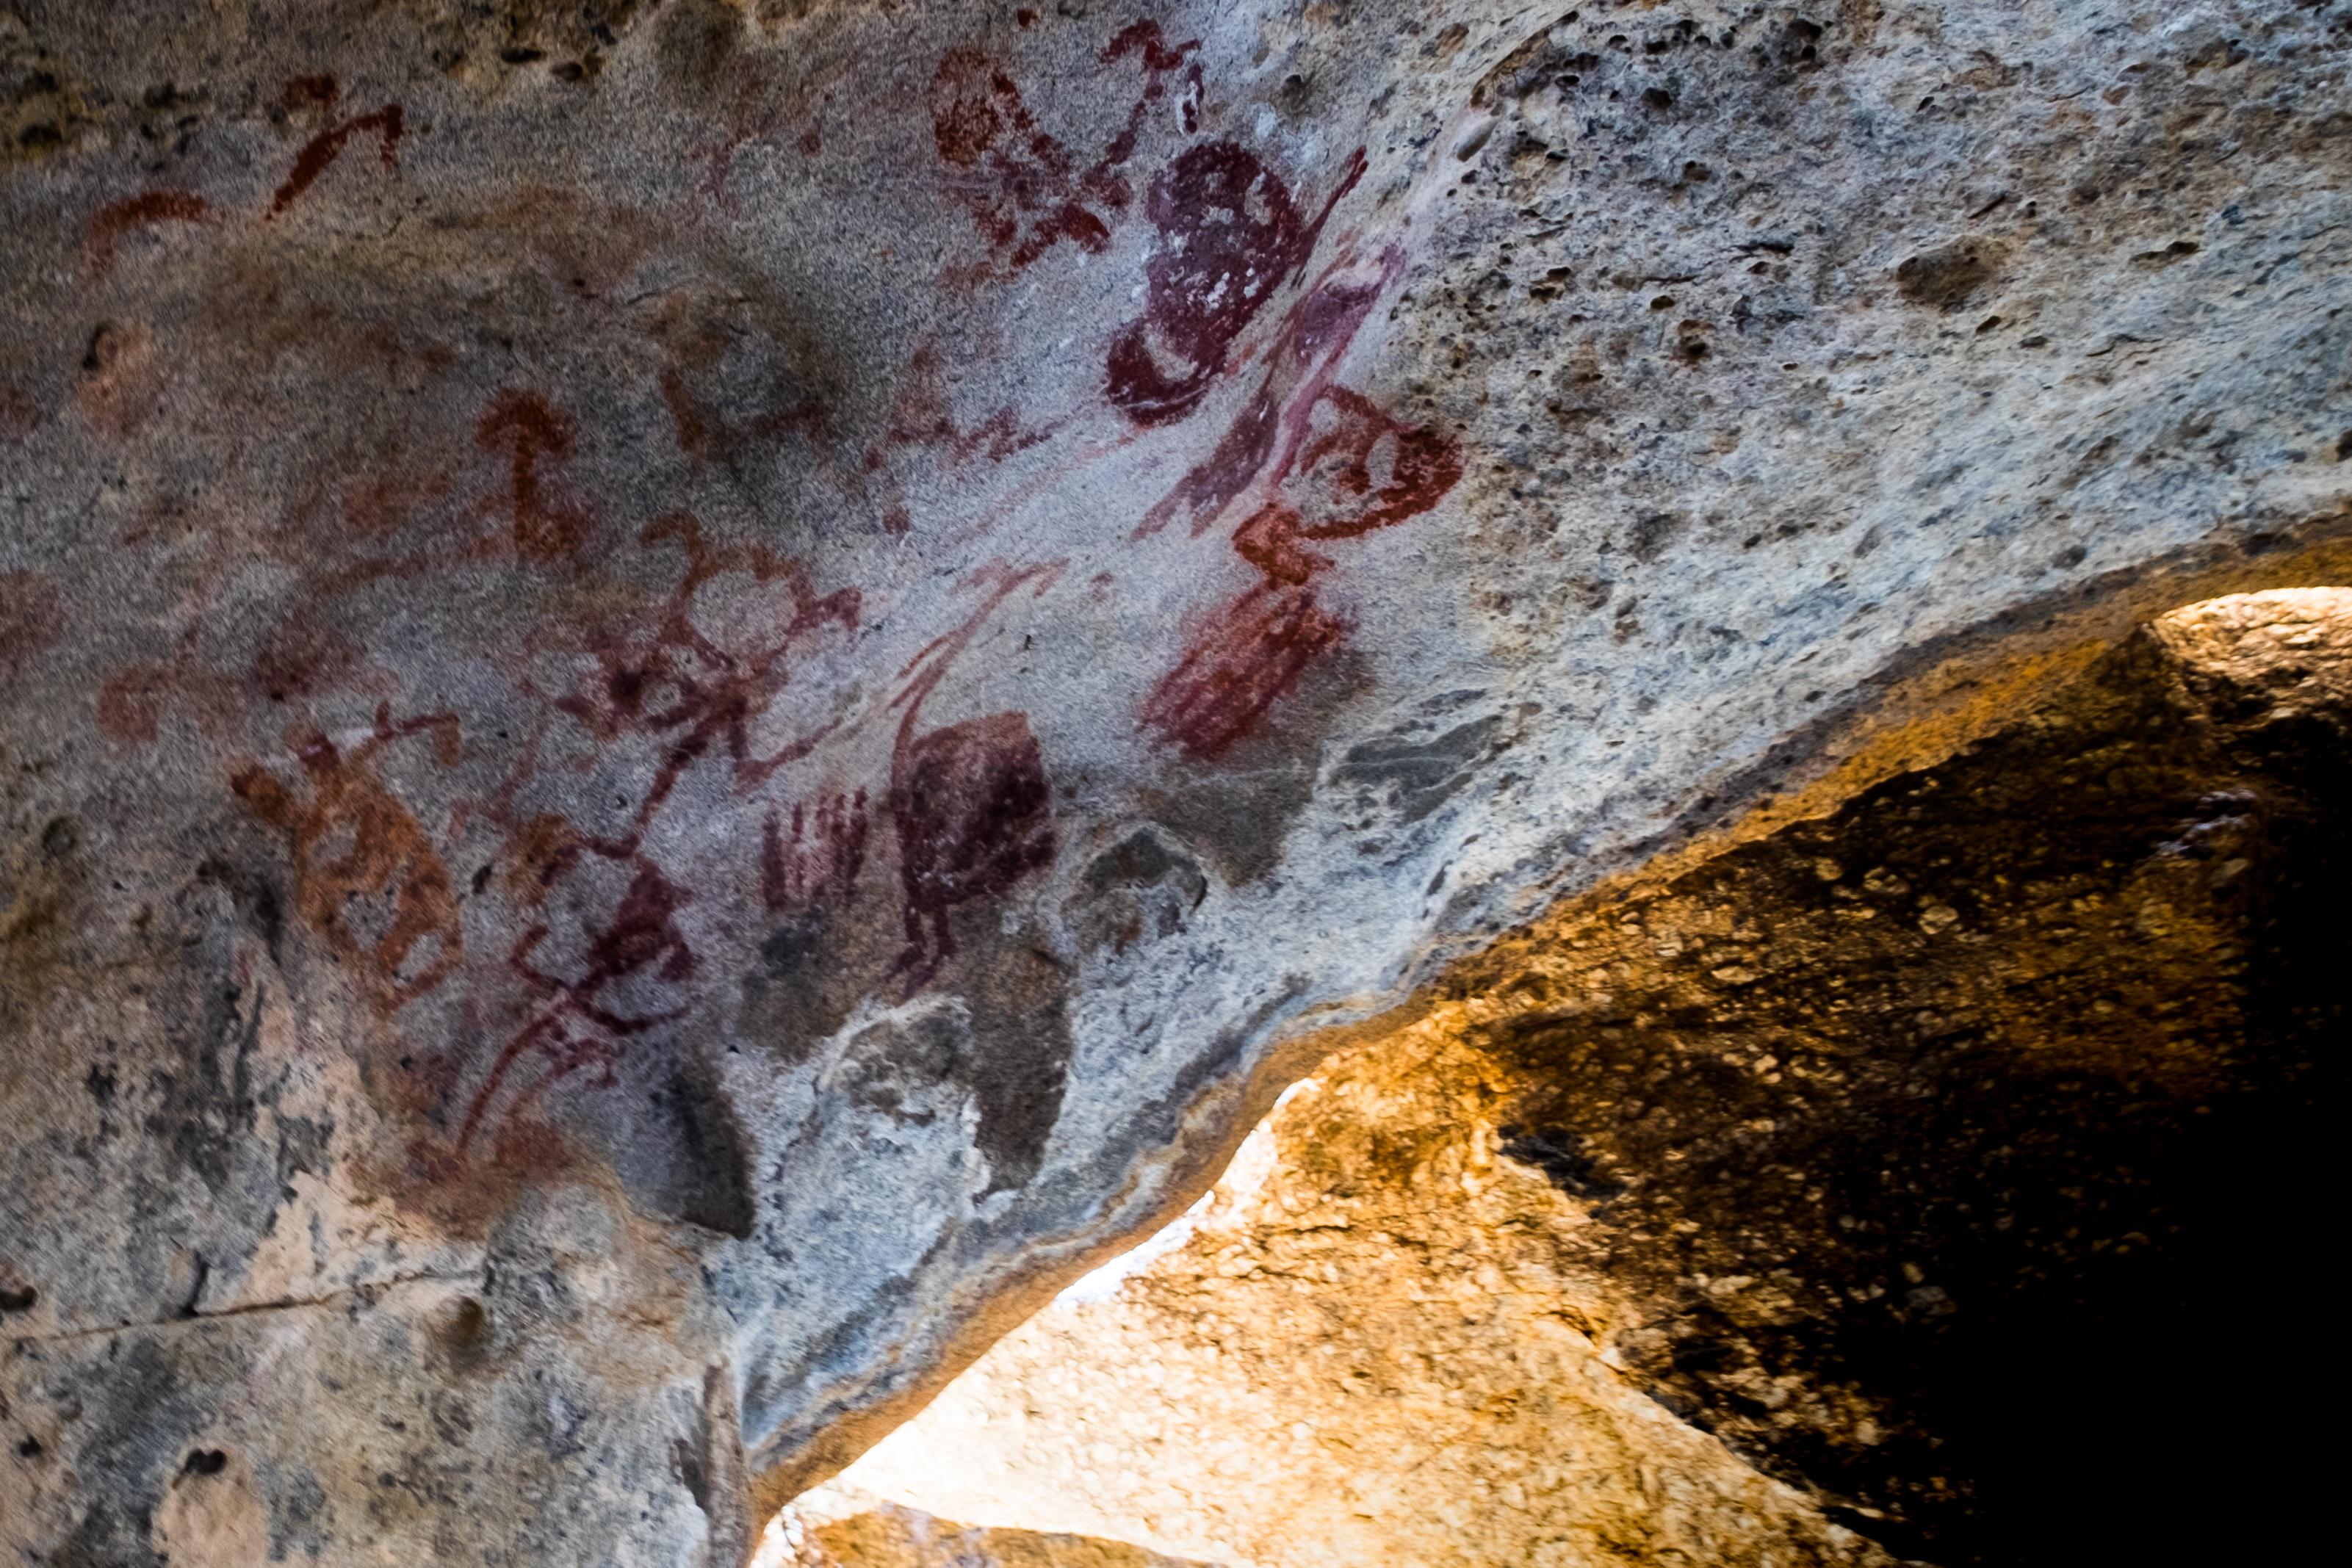 Beşparmak (Latmos) Dağları'ndan tarih öncesi kaya resimleri, yaklaşık M.Ö. 6000-5000